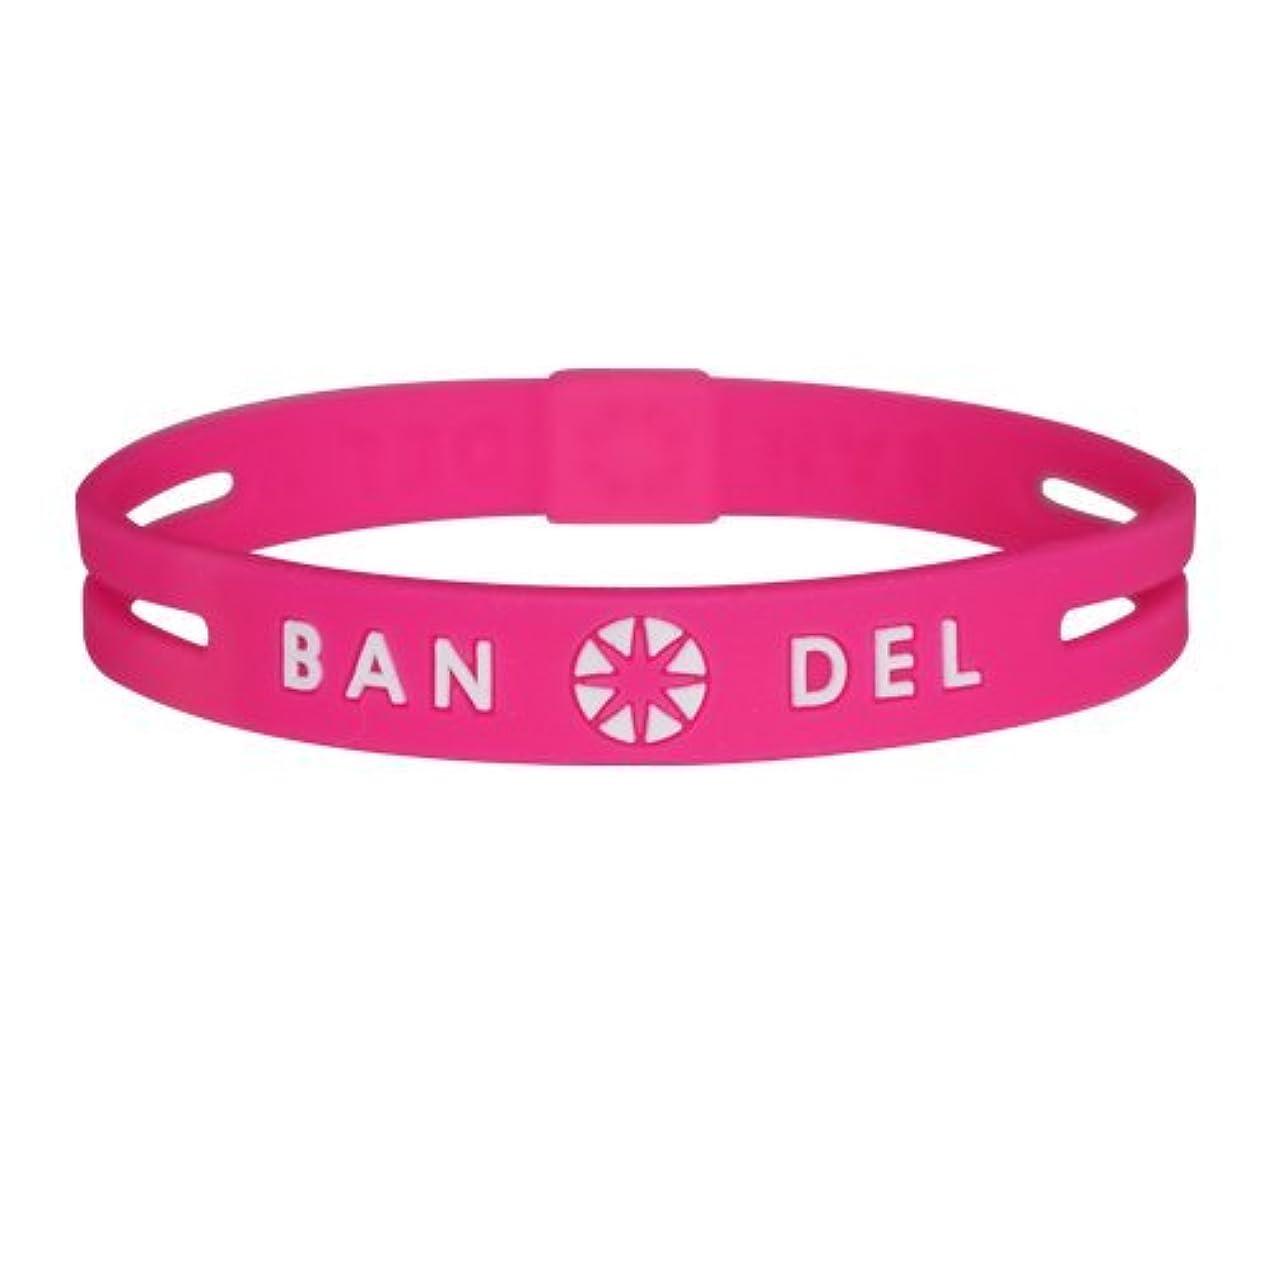 特殊面摘むバンデル(BANDEL)ストリング ブレスレット[ピンク×ホワイト]Mサイズ(17.5cm)/正規品 アクセサリー ブレス スリム